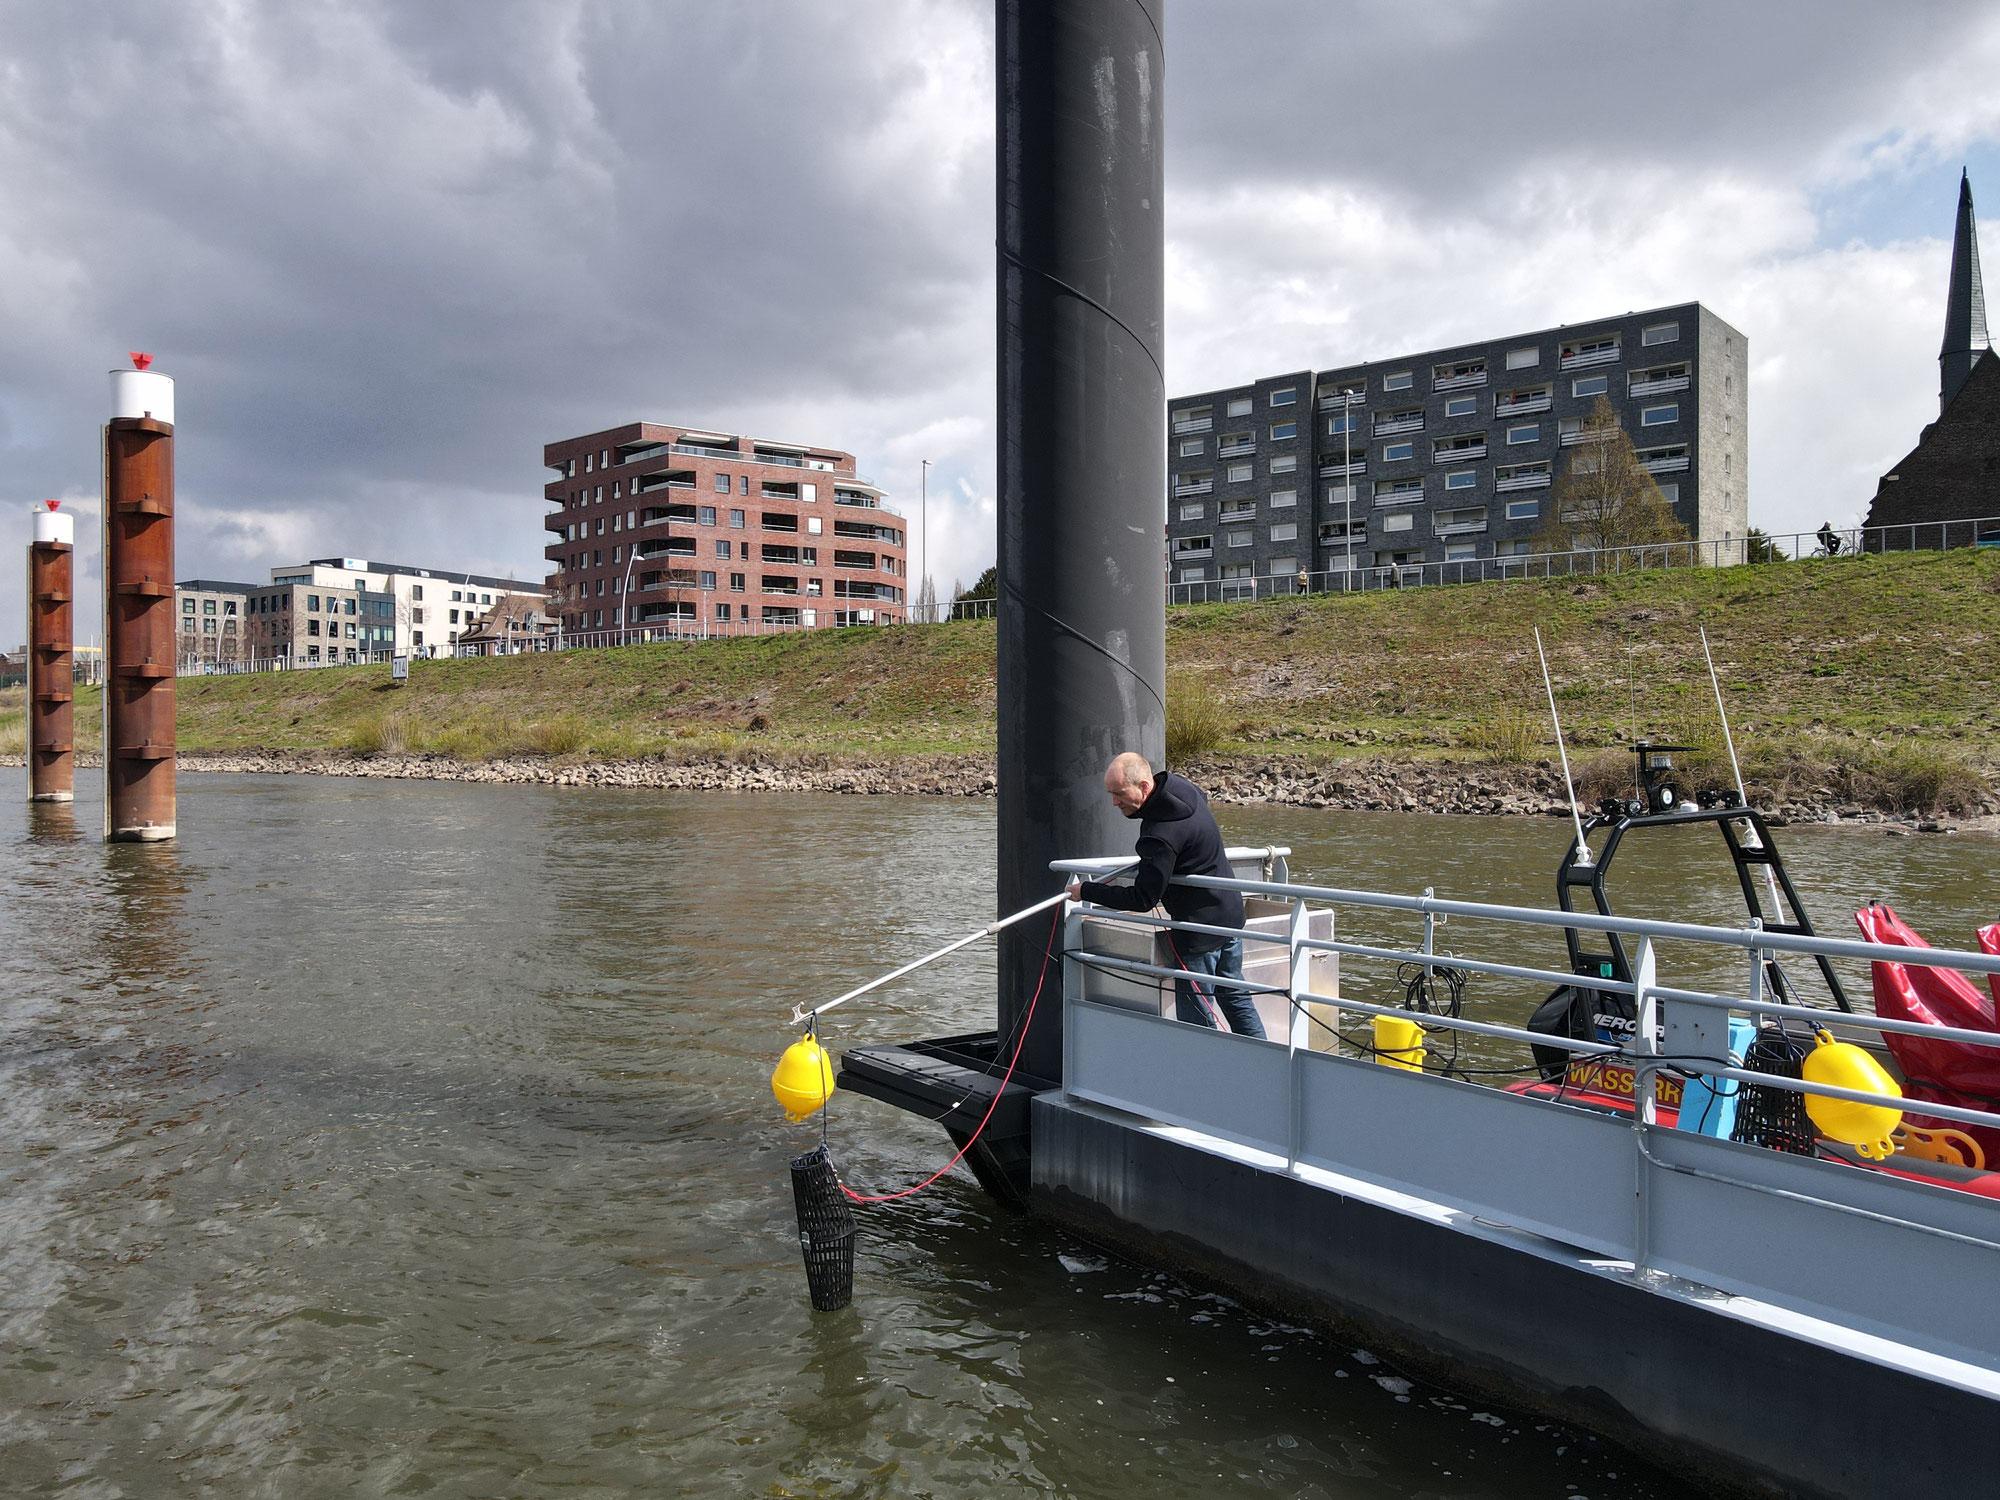 continuum - Klanginstallation in Monheim am Rhein